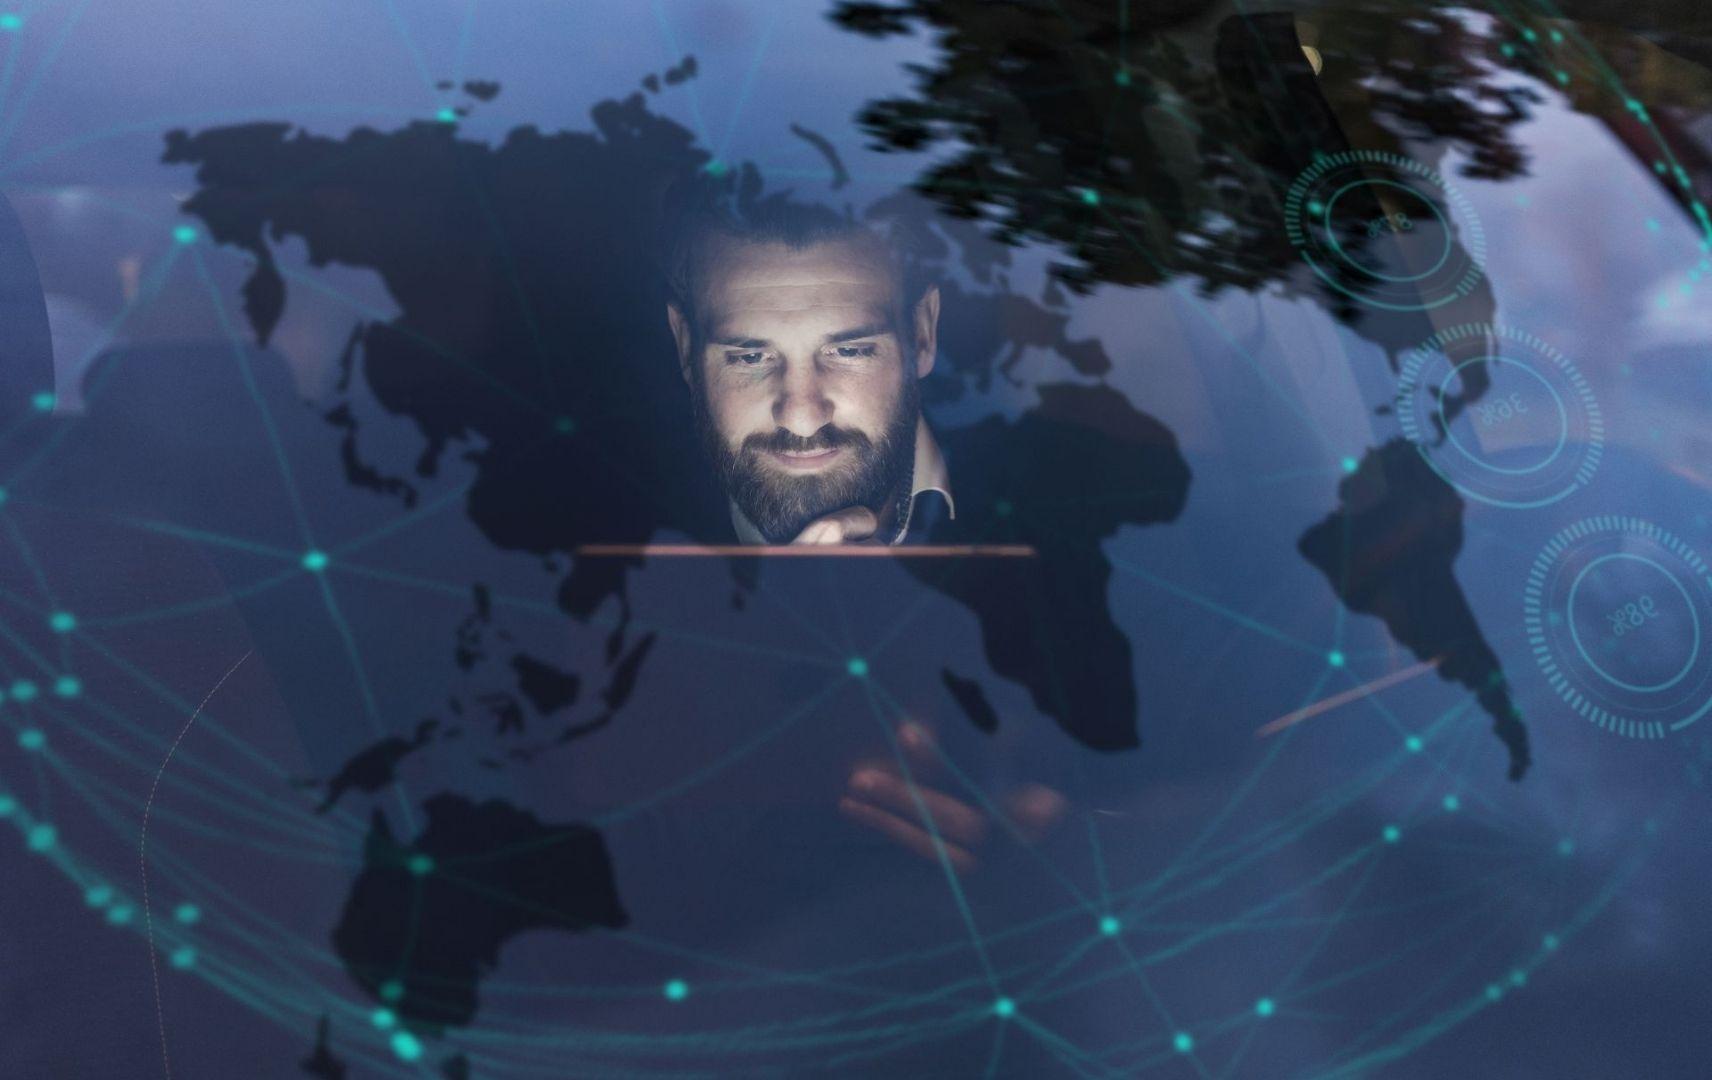 Datentransparenz Geschäftsreisen Mann am Laptop weltweites Netzwerk